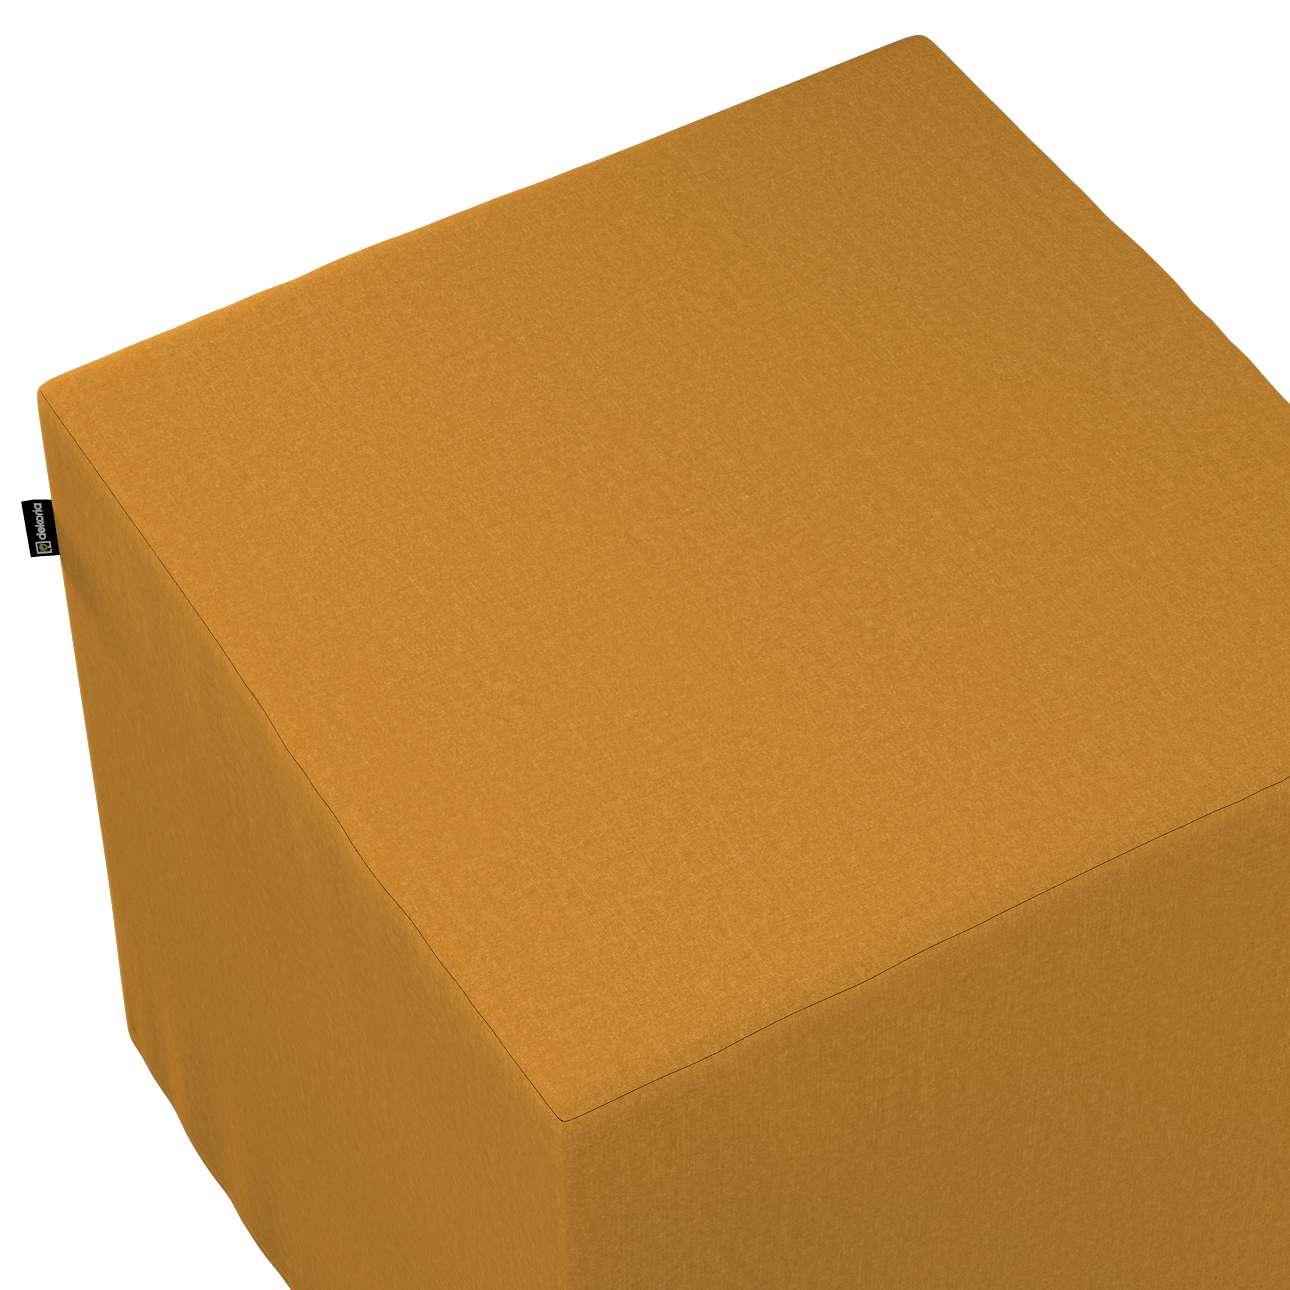 Bezug für Sitzwürfel von der Kollektion Living, Stoff: 161-64